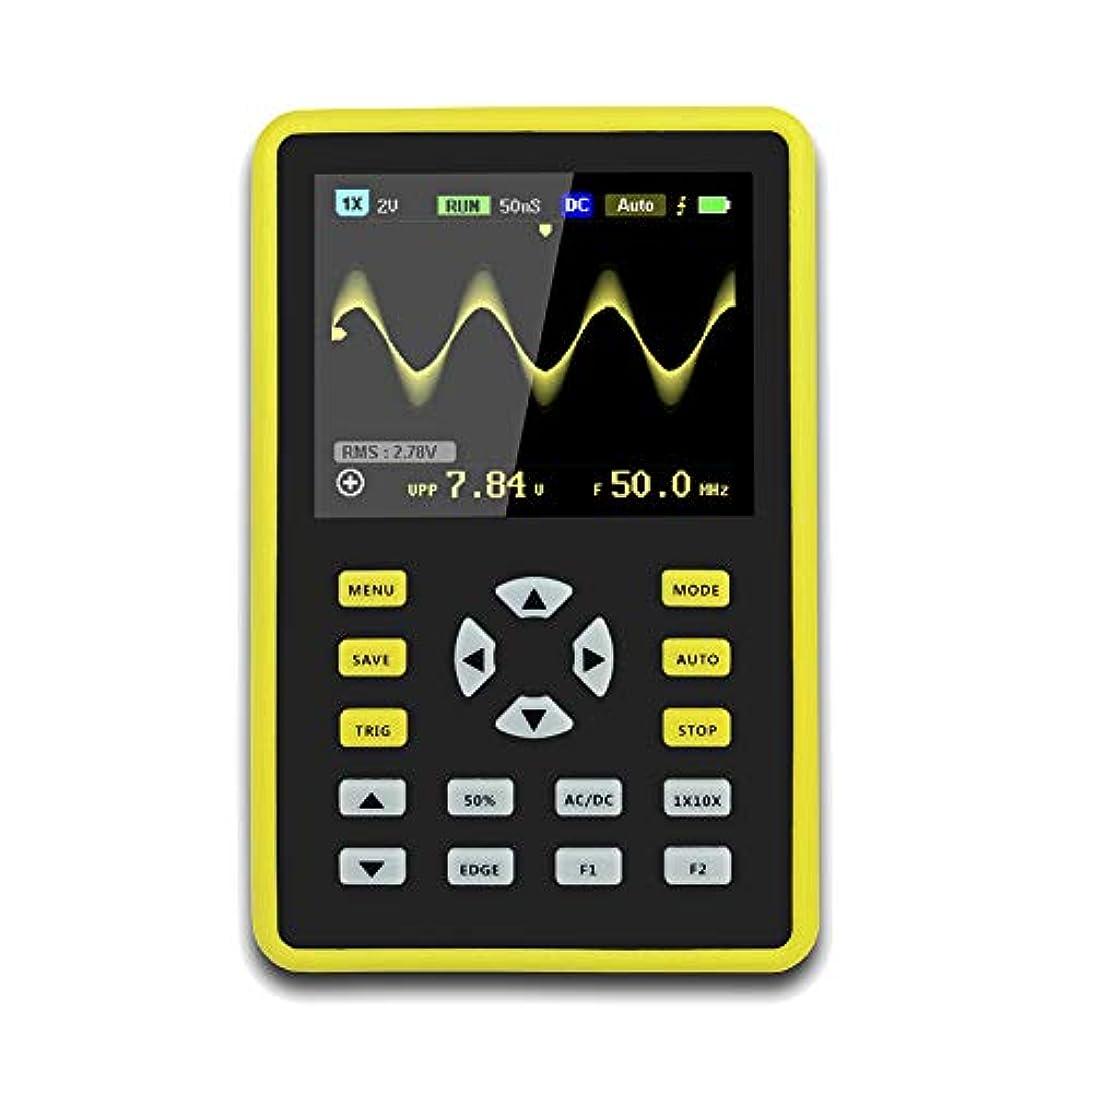 アリスポットだらしないXlp  手持ち型デジタル小型オシロスコープ2.4インチ500 MS/s IPS LCD表示スクリーンの携帯用